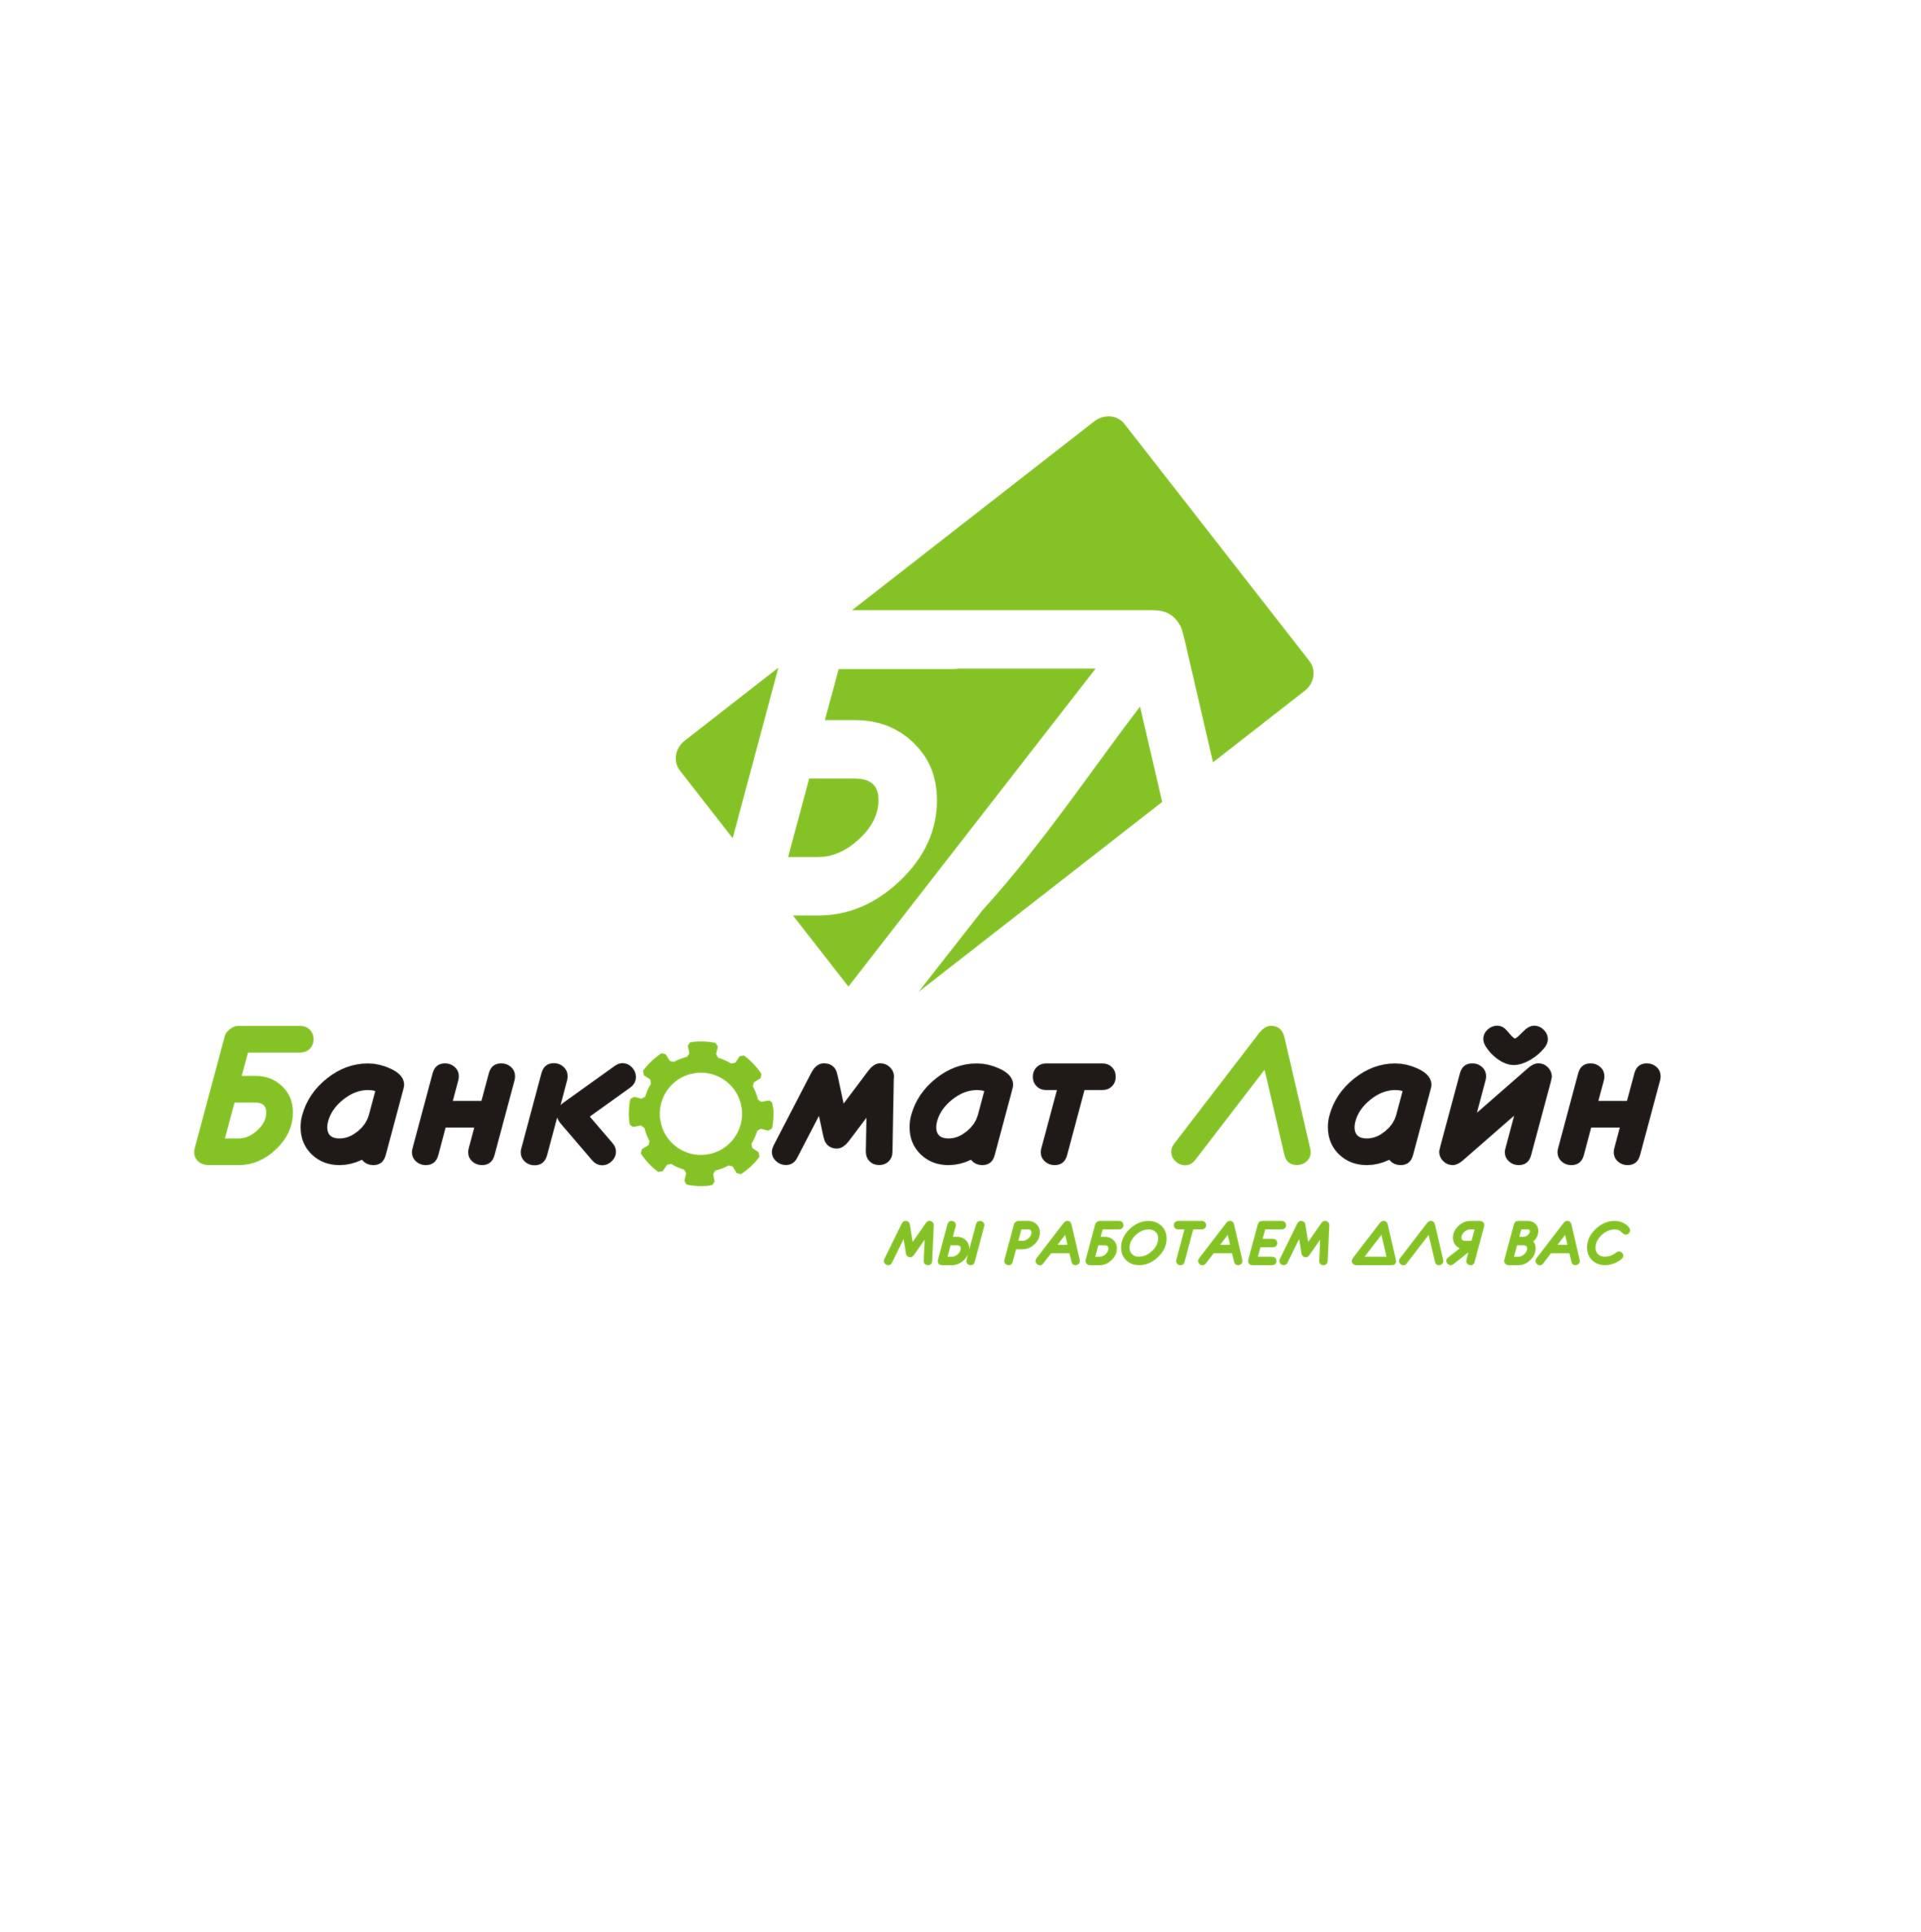 Разработка логотипа и слогана для транспортной компании фото f_25558789043d272c.jpg